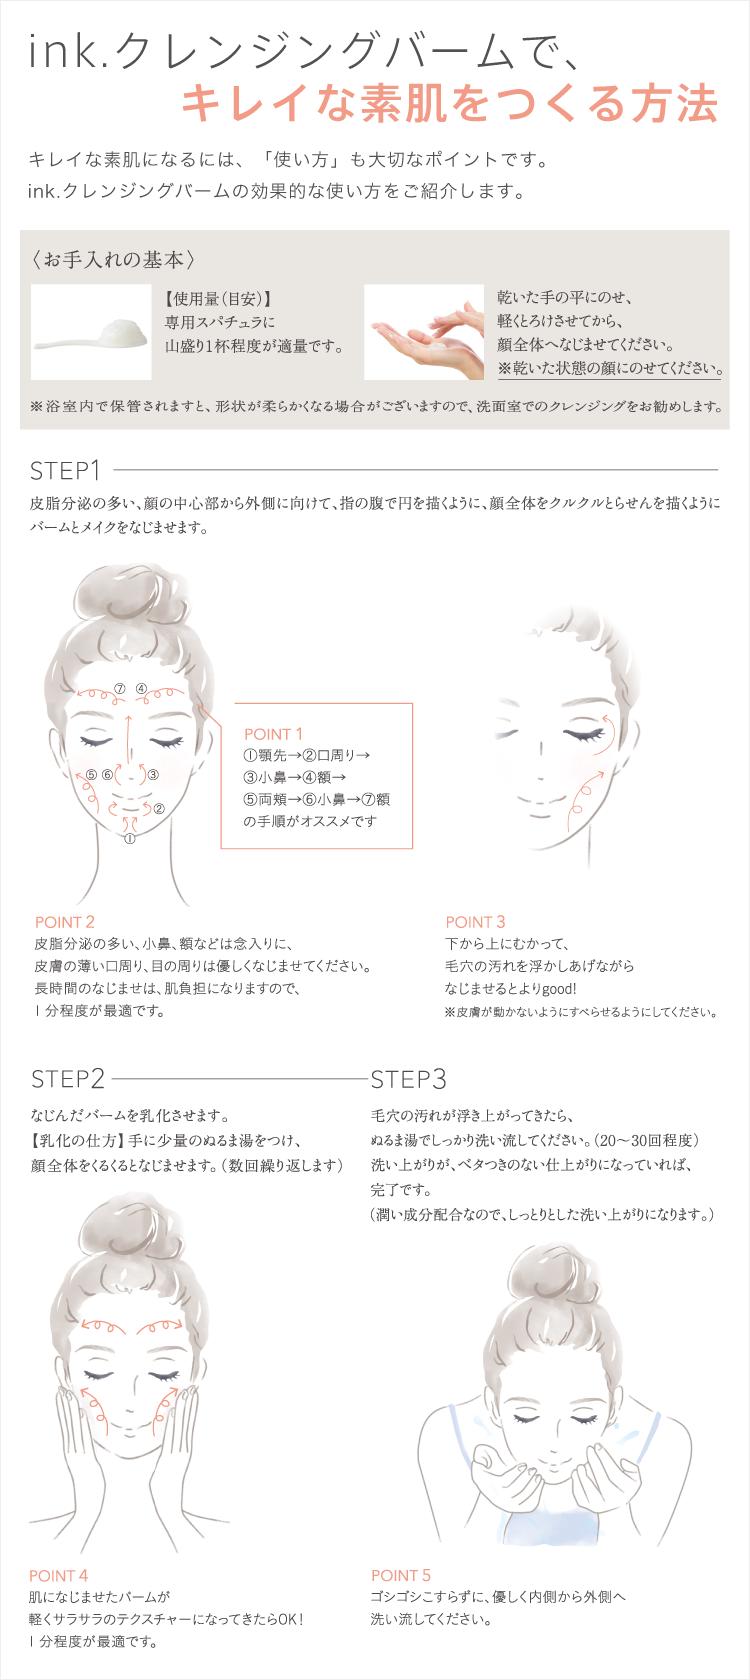 キレイな素肌を作る方法